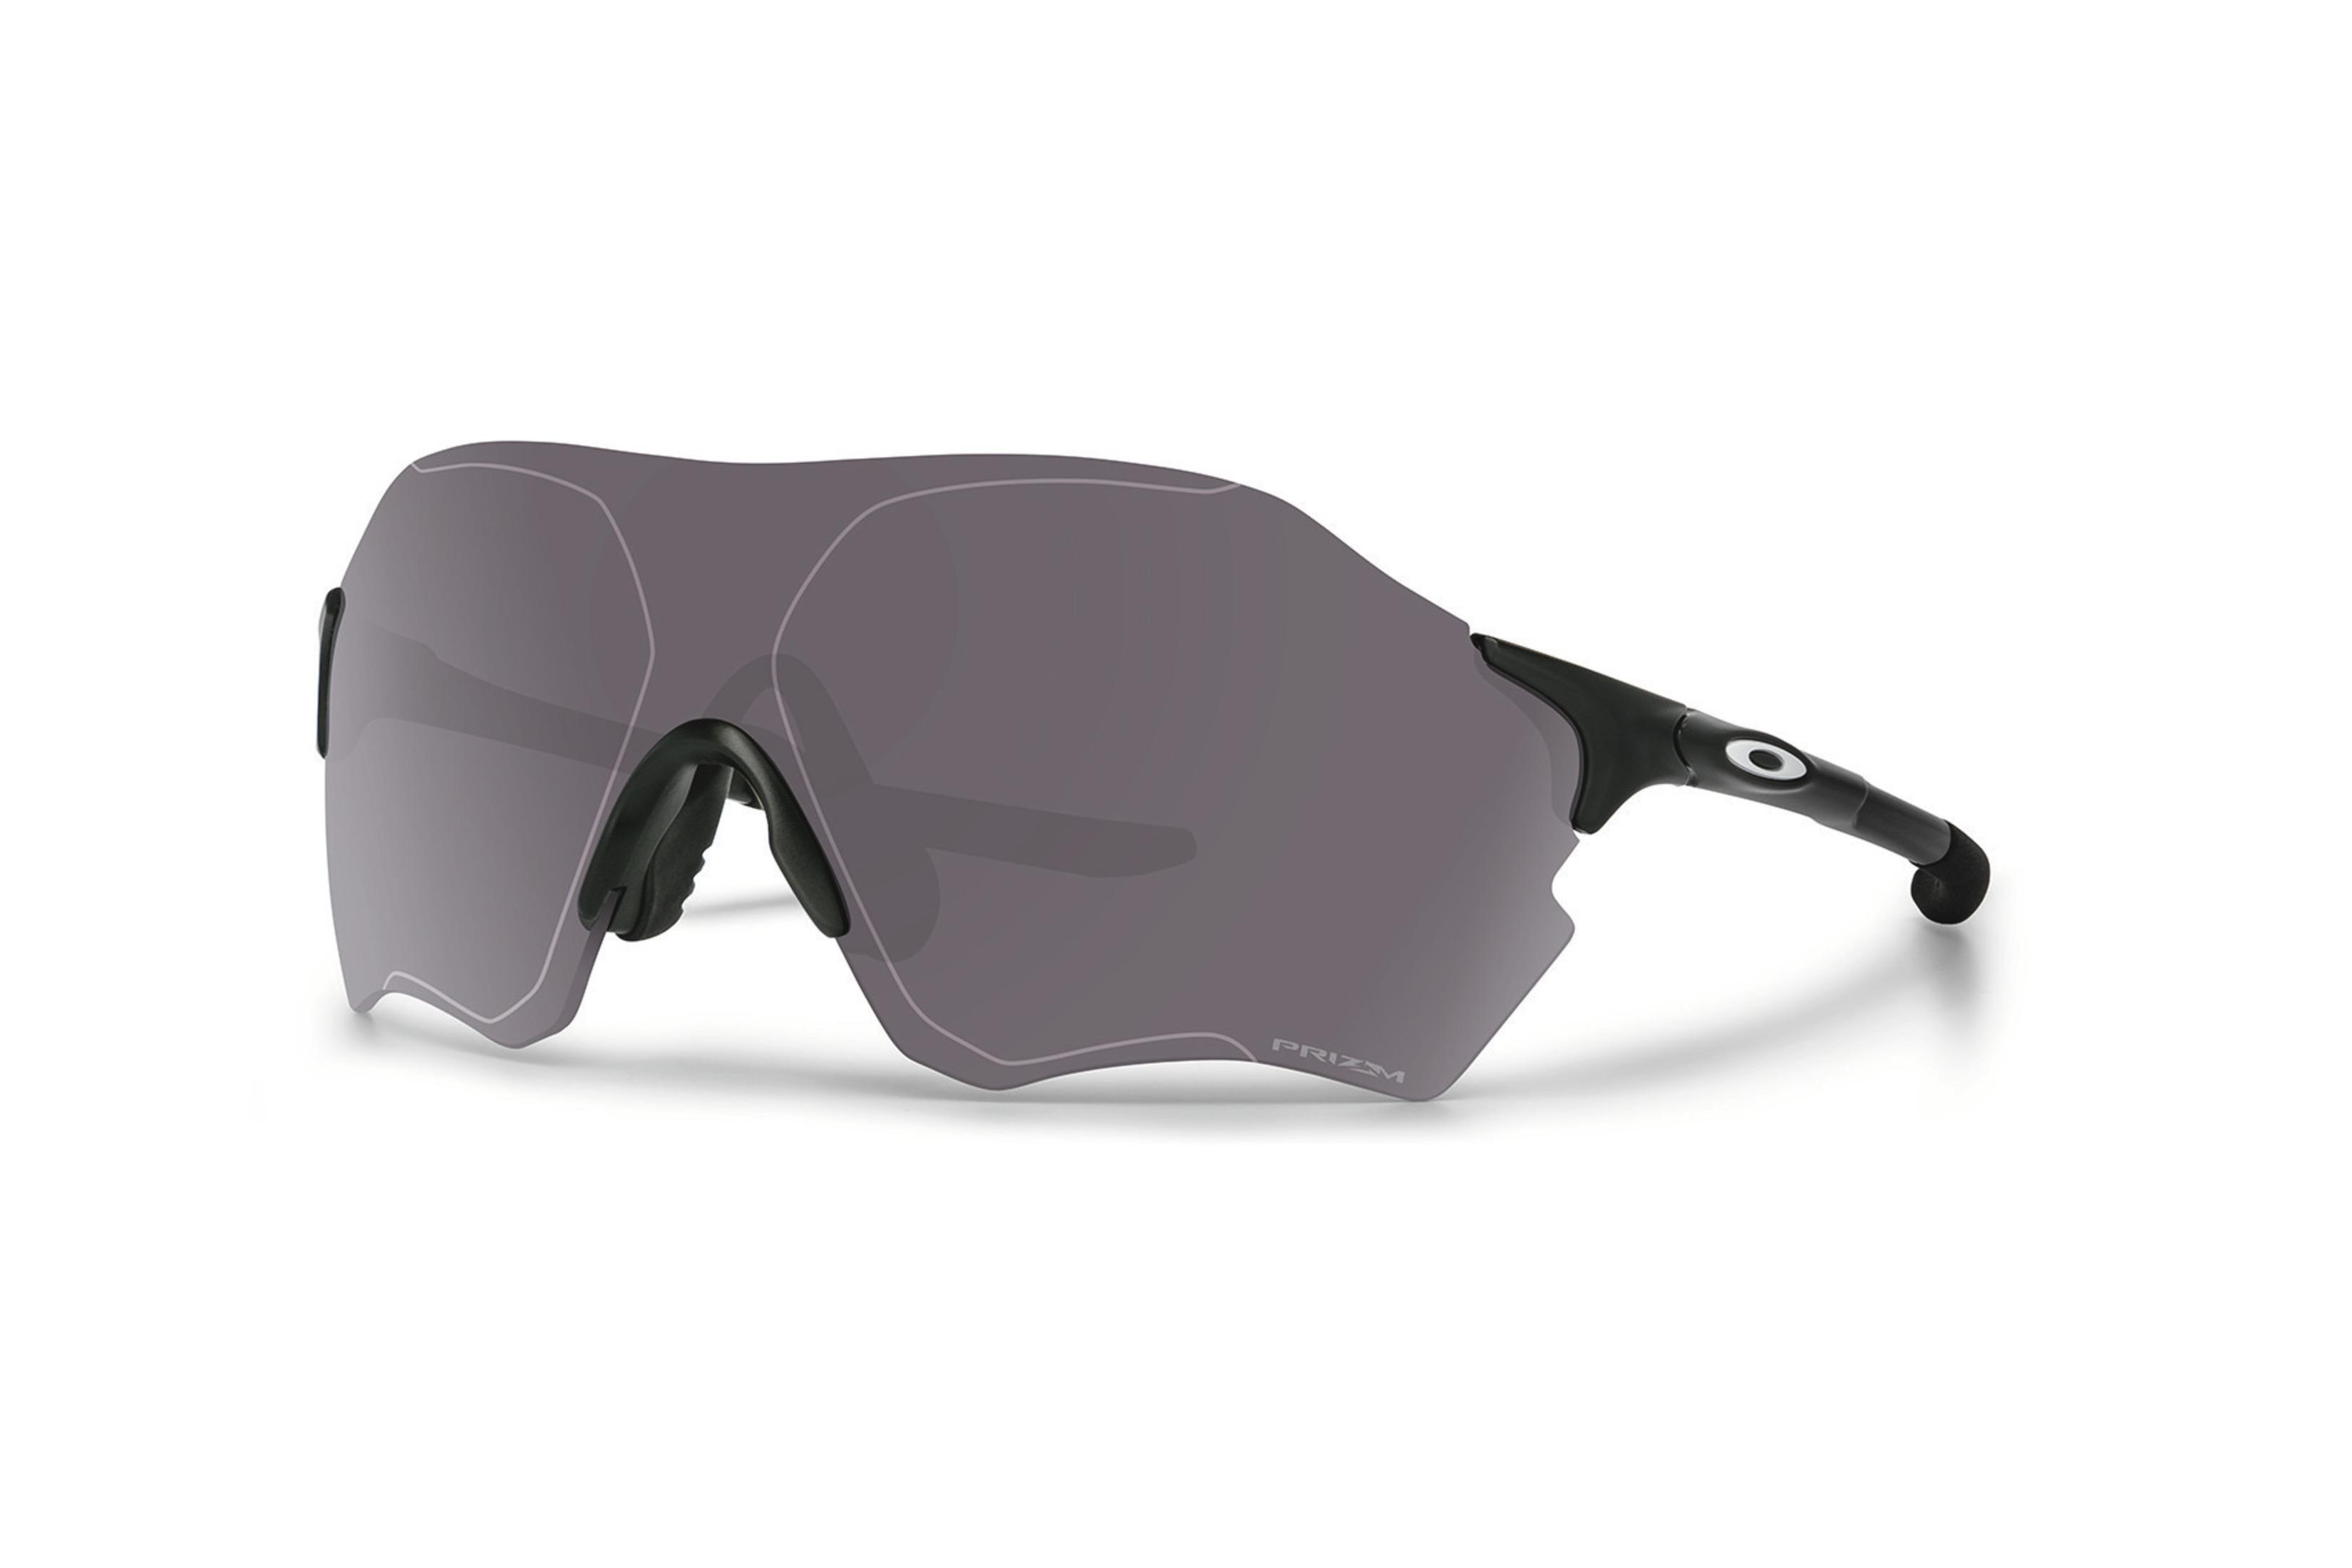 5061447ff8a89 Oakley apresenta novos modelos de óculos de performance